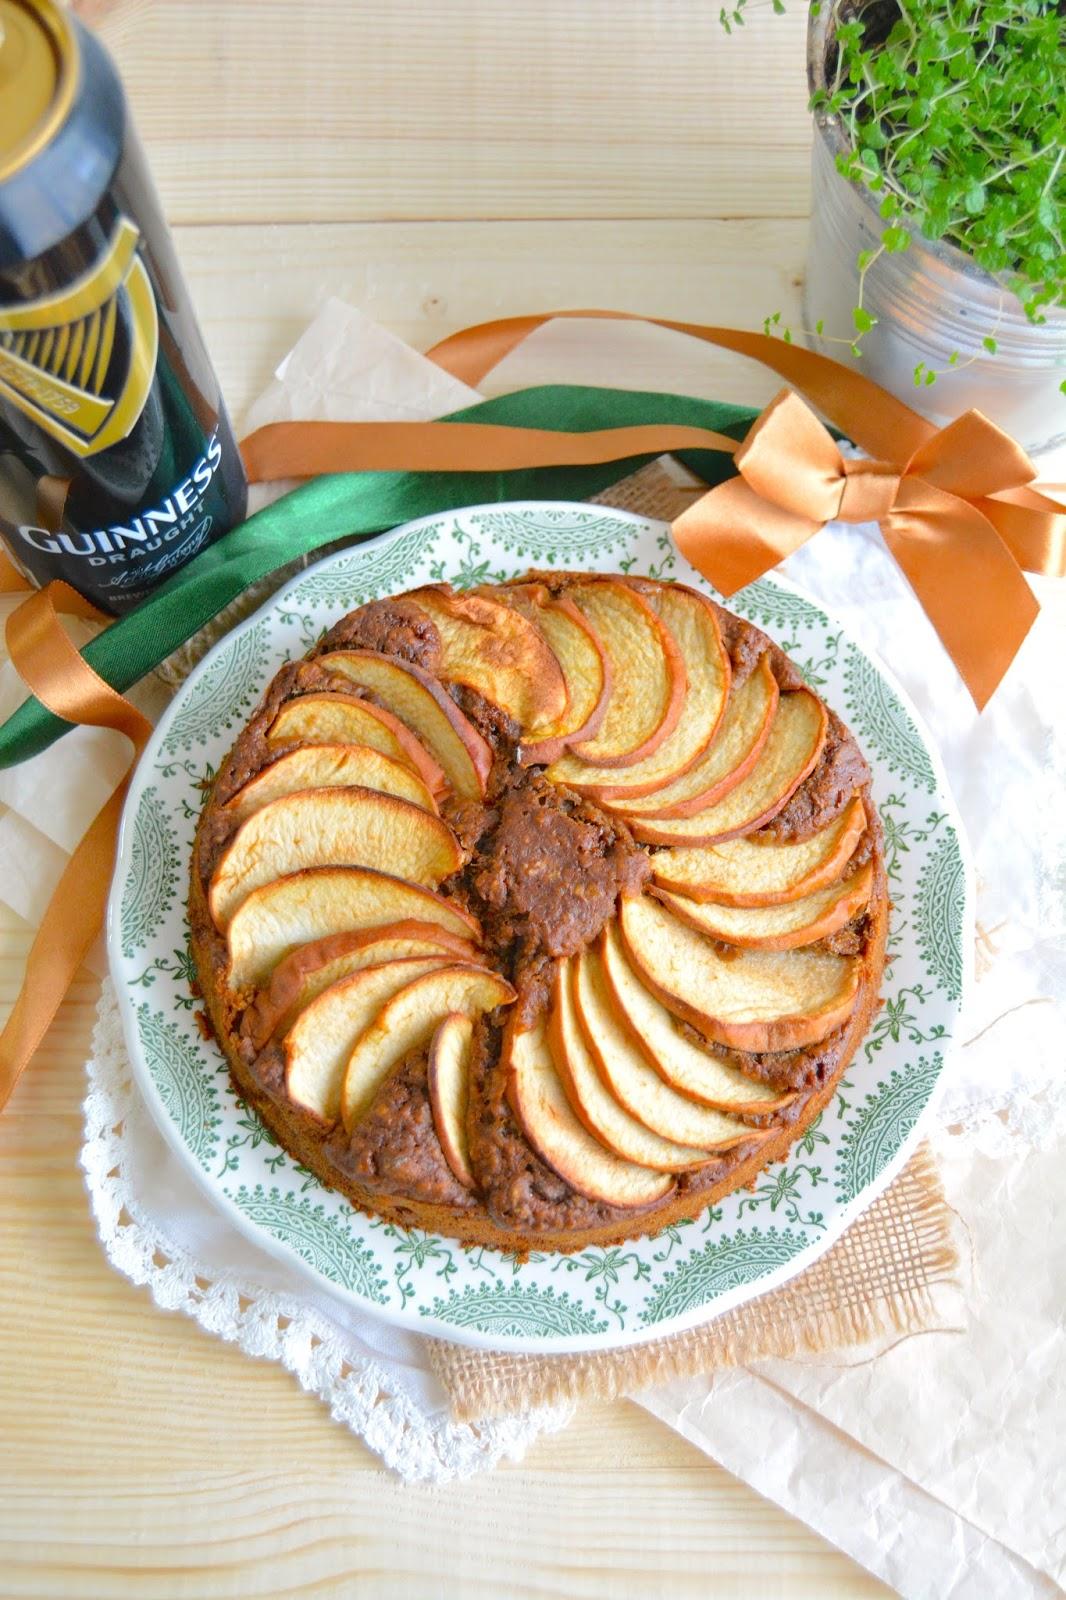 rosenoisettes  moelleux irlandais  u00e0 l u0026 39 avoine  pommes